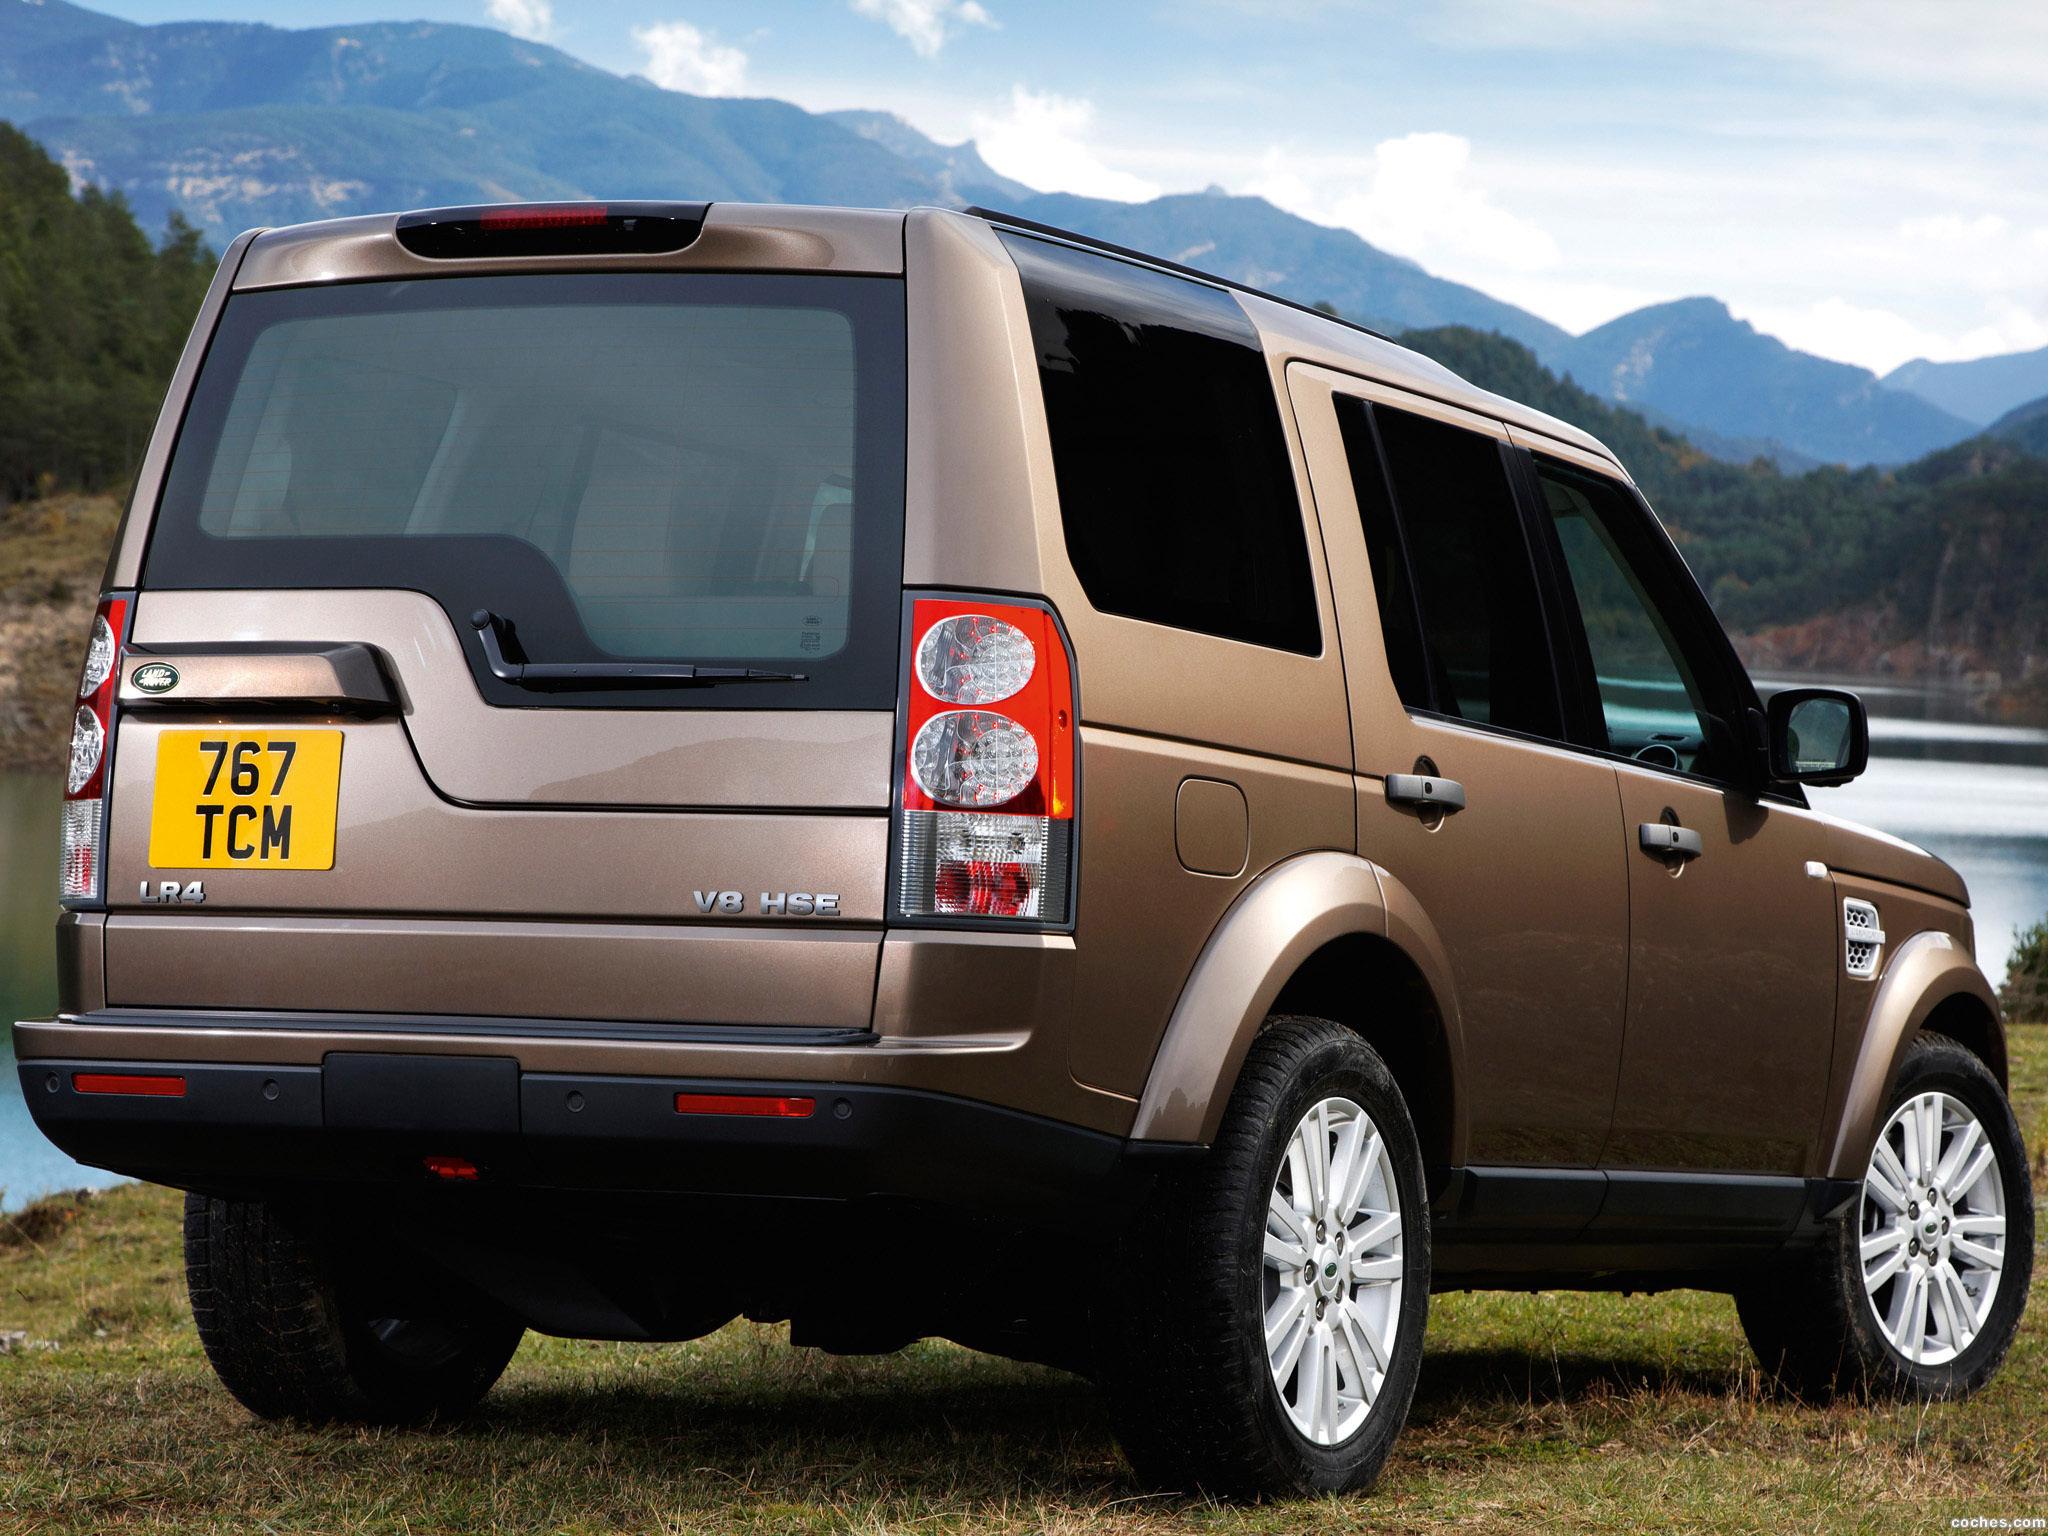 Foto 8 de Land Rover Discovery LR4 2009